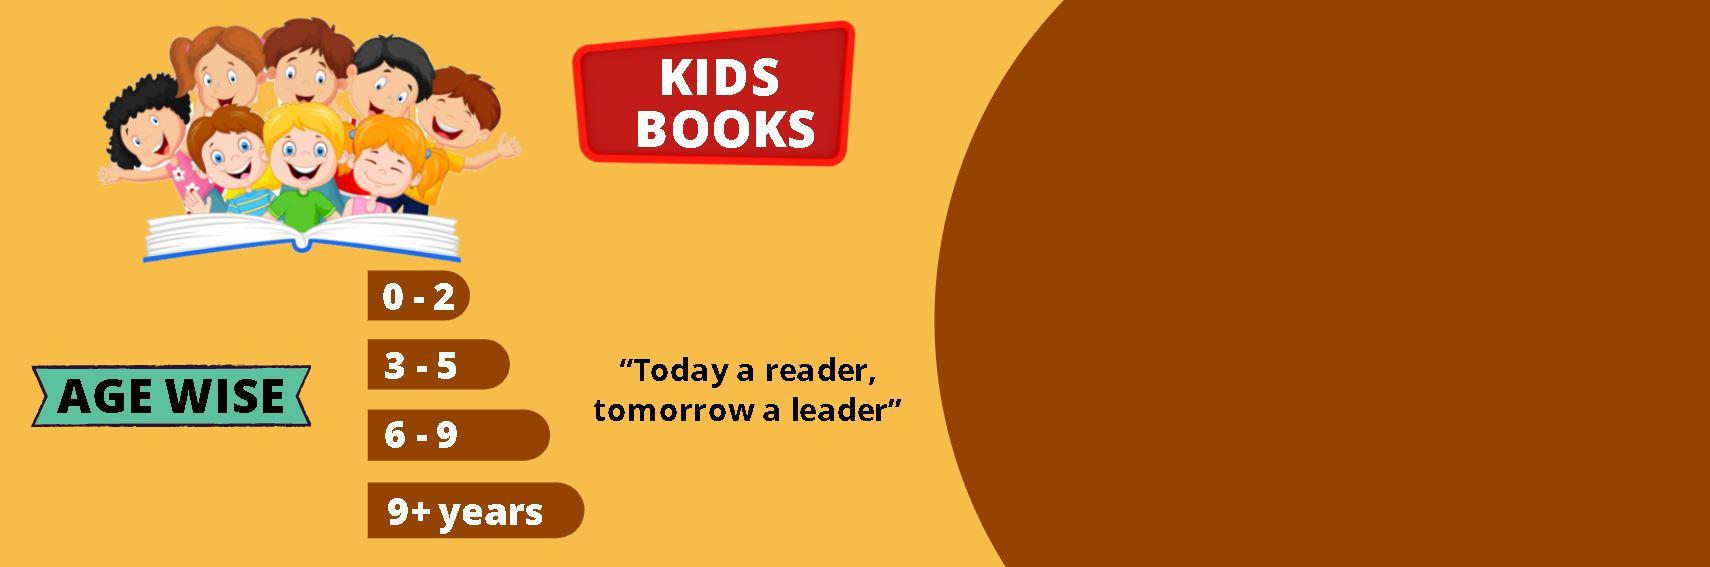 Buy preloved kids books online